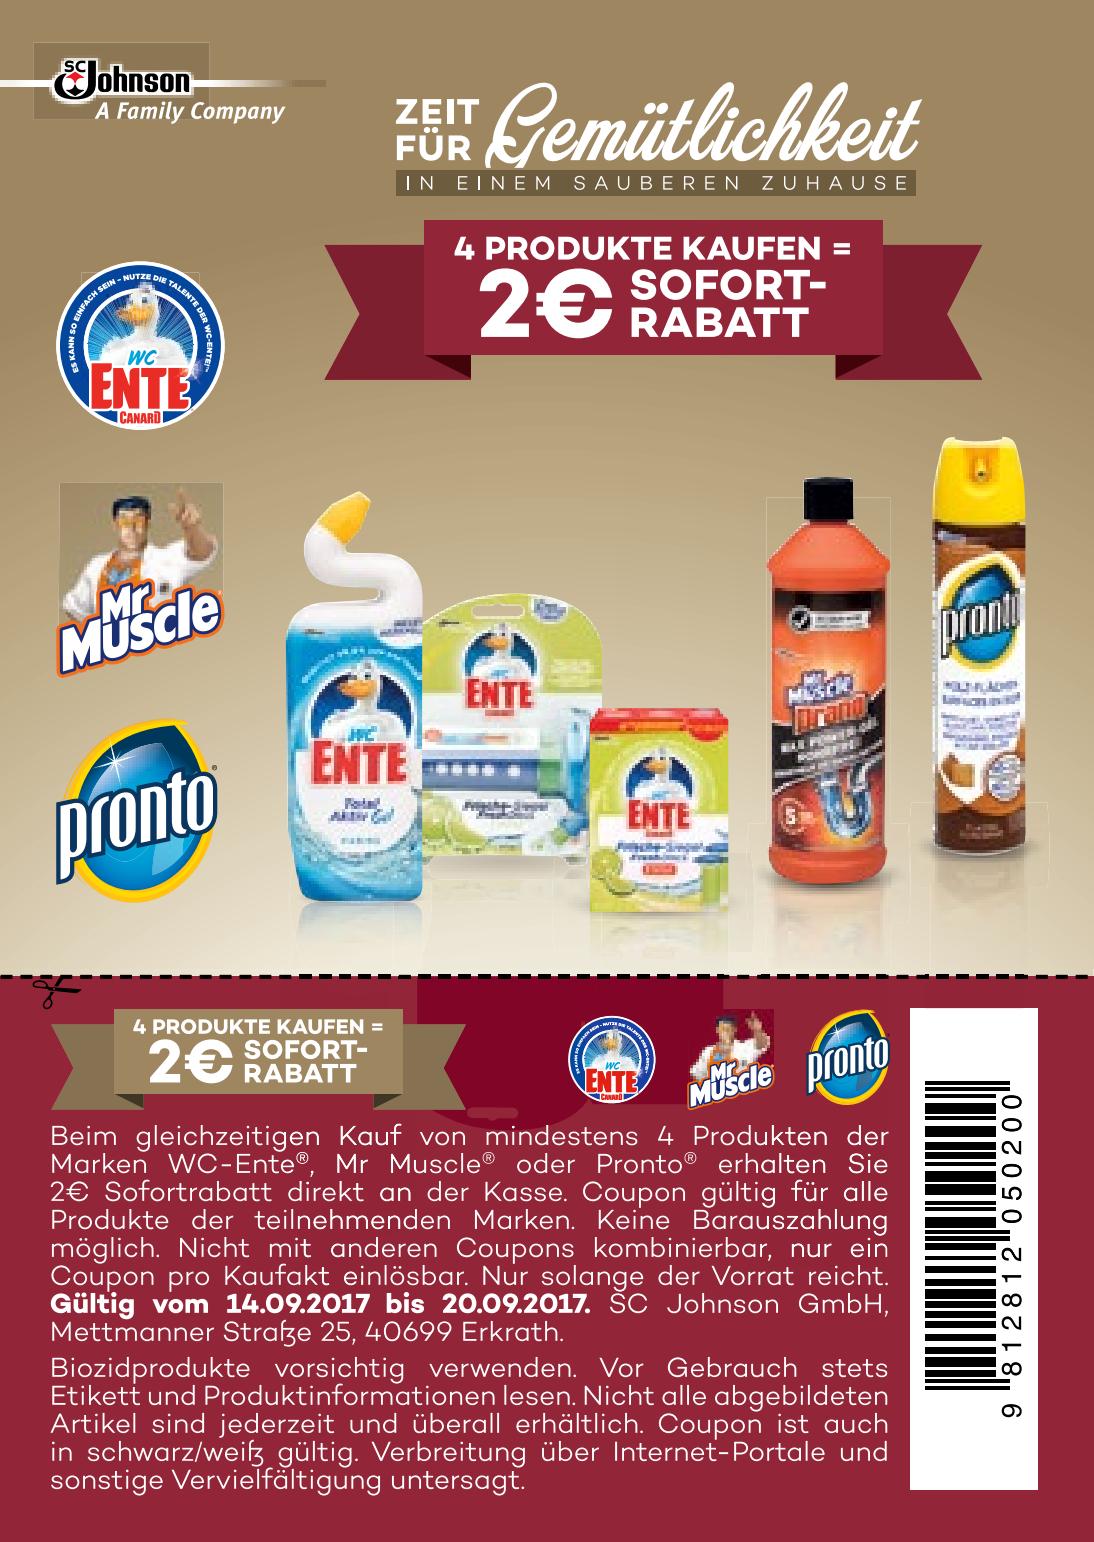 2,00€ Sofort-Rabatt-Coupon in PDF (auch in s/w gültig) für 4 Produkte der Marken Mr. Muscle, WC Ente, Pronto bis  20.09.2017 (Rossmann sogar bis 01.03.2018)